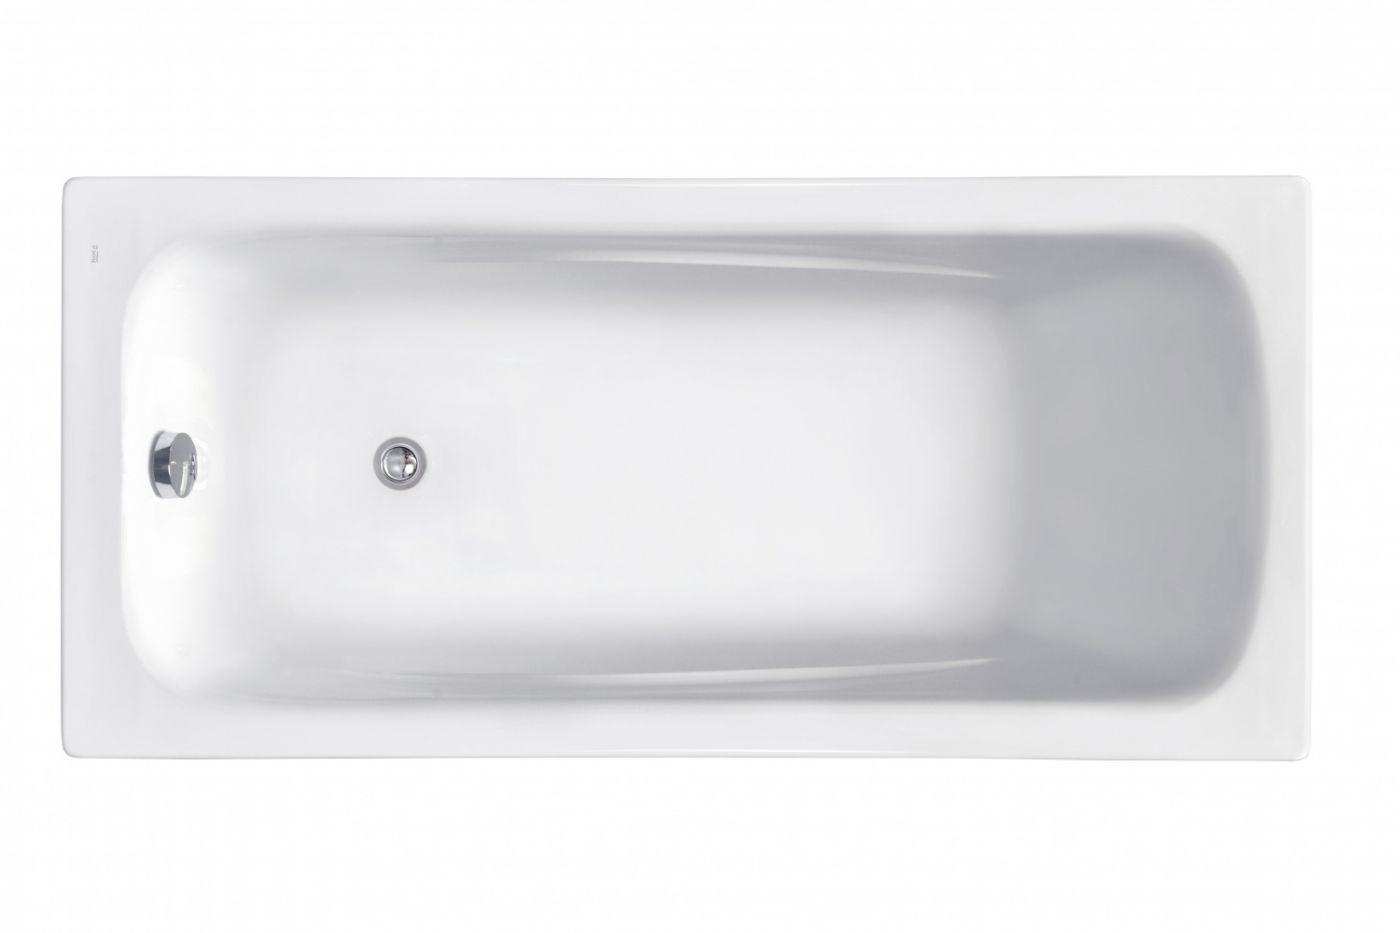 Акриловая ванна Roca Line 150x70 ZRU9302982